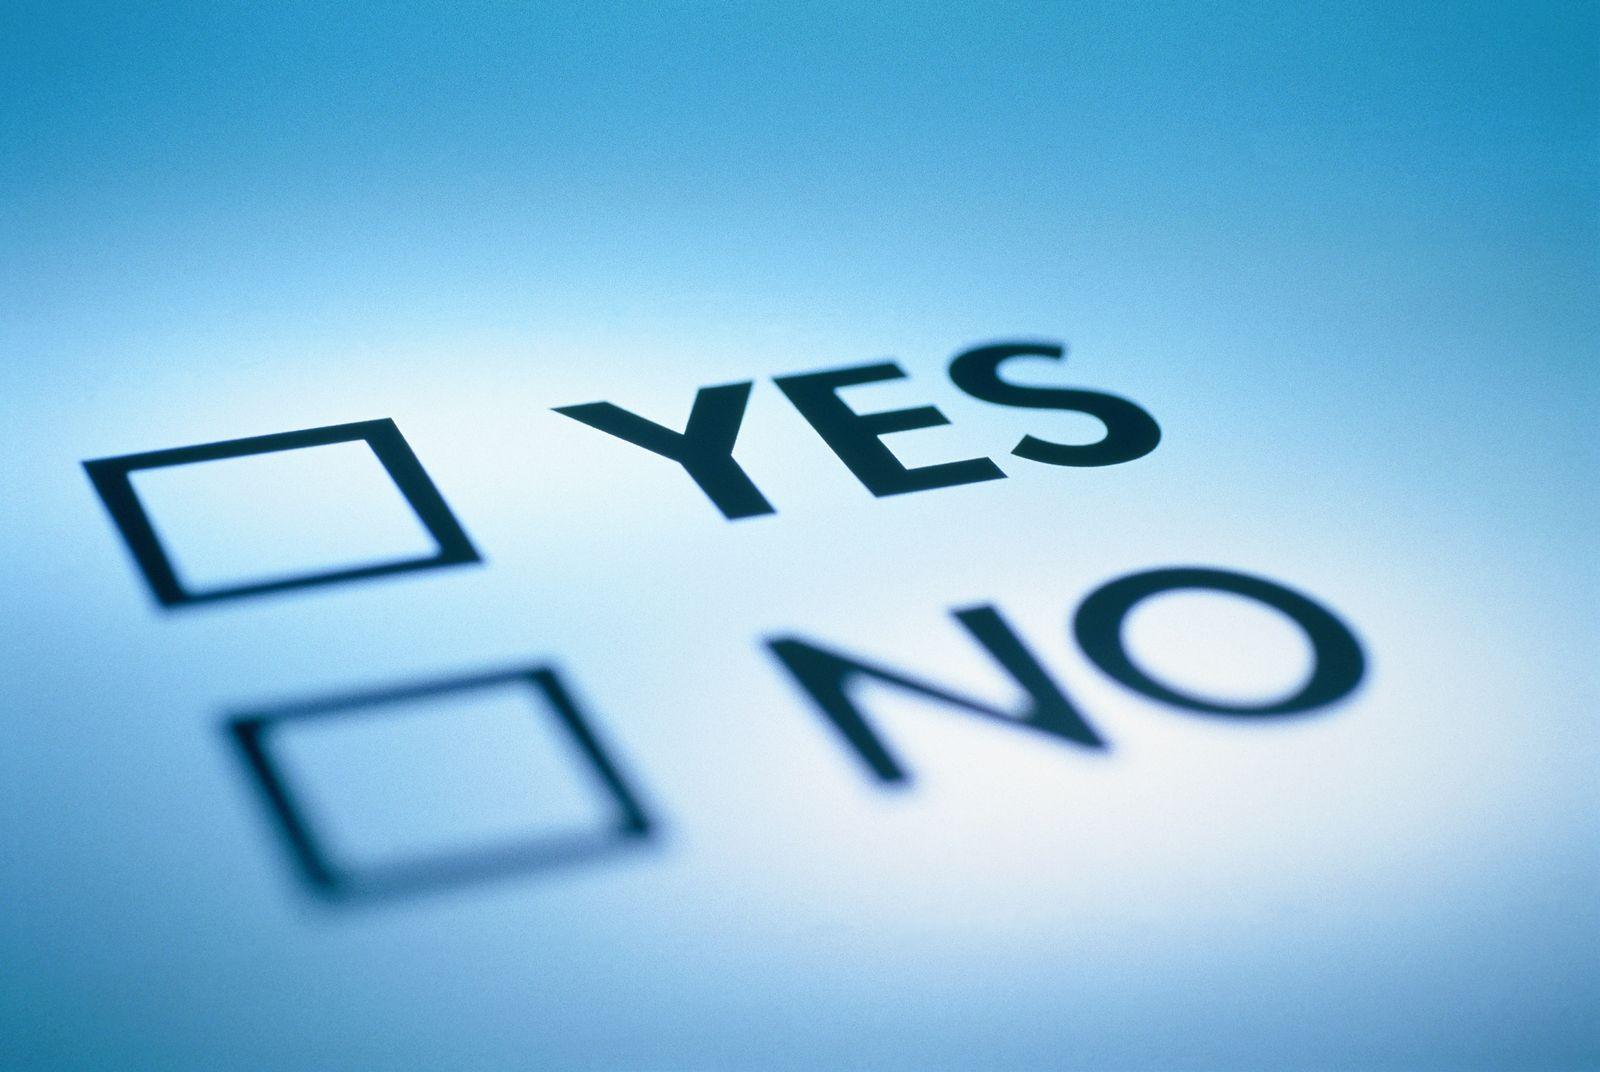 NICHT MEHR VERWENDEN! - Entscheidung / Ja oder Nein / Anwort ankreuzen